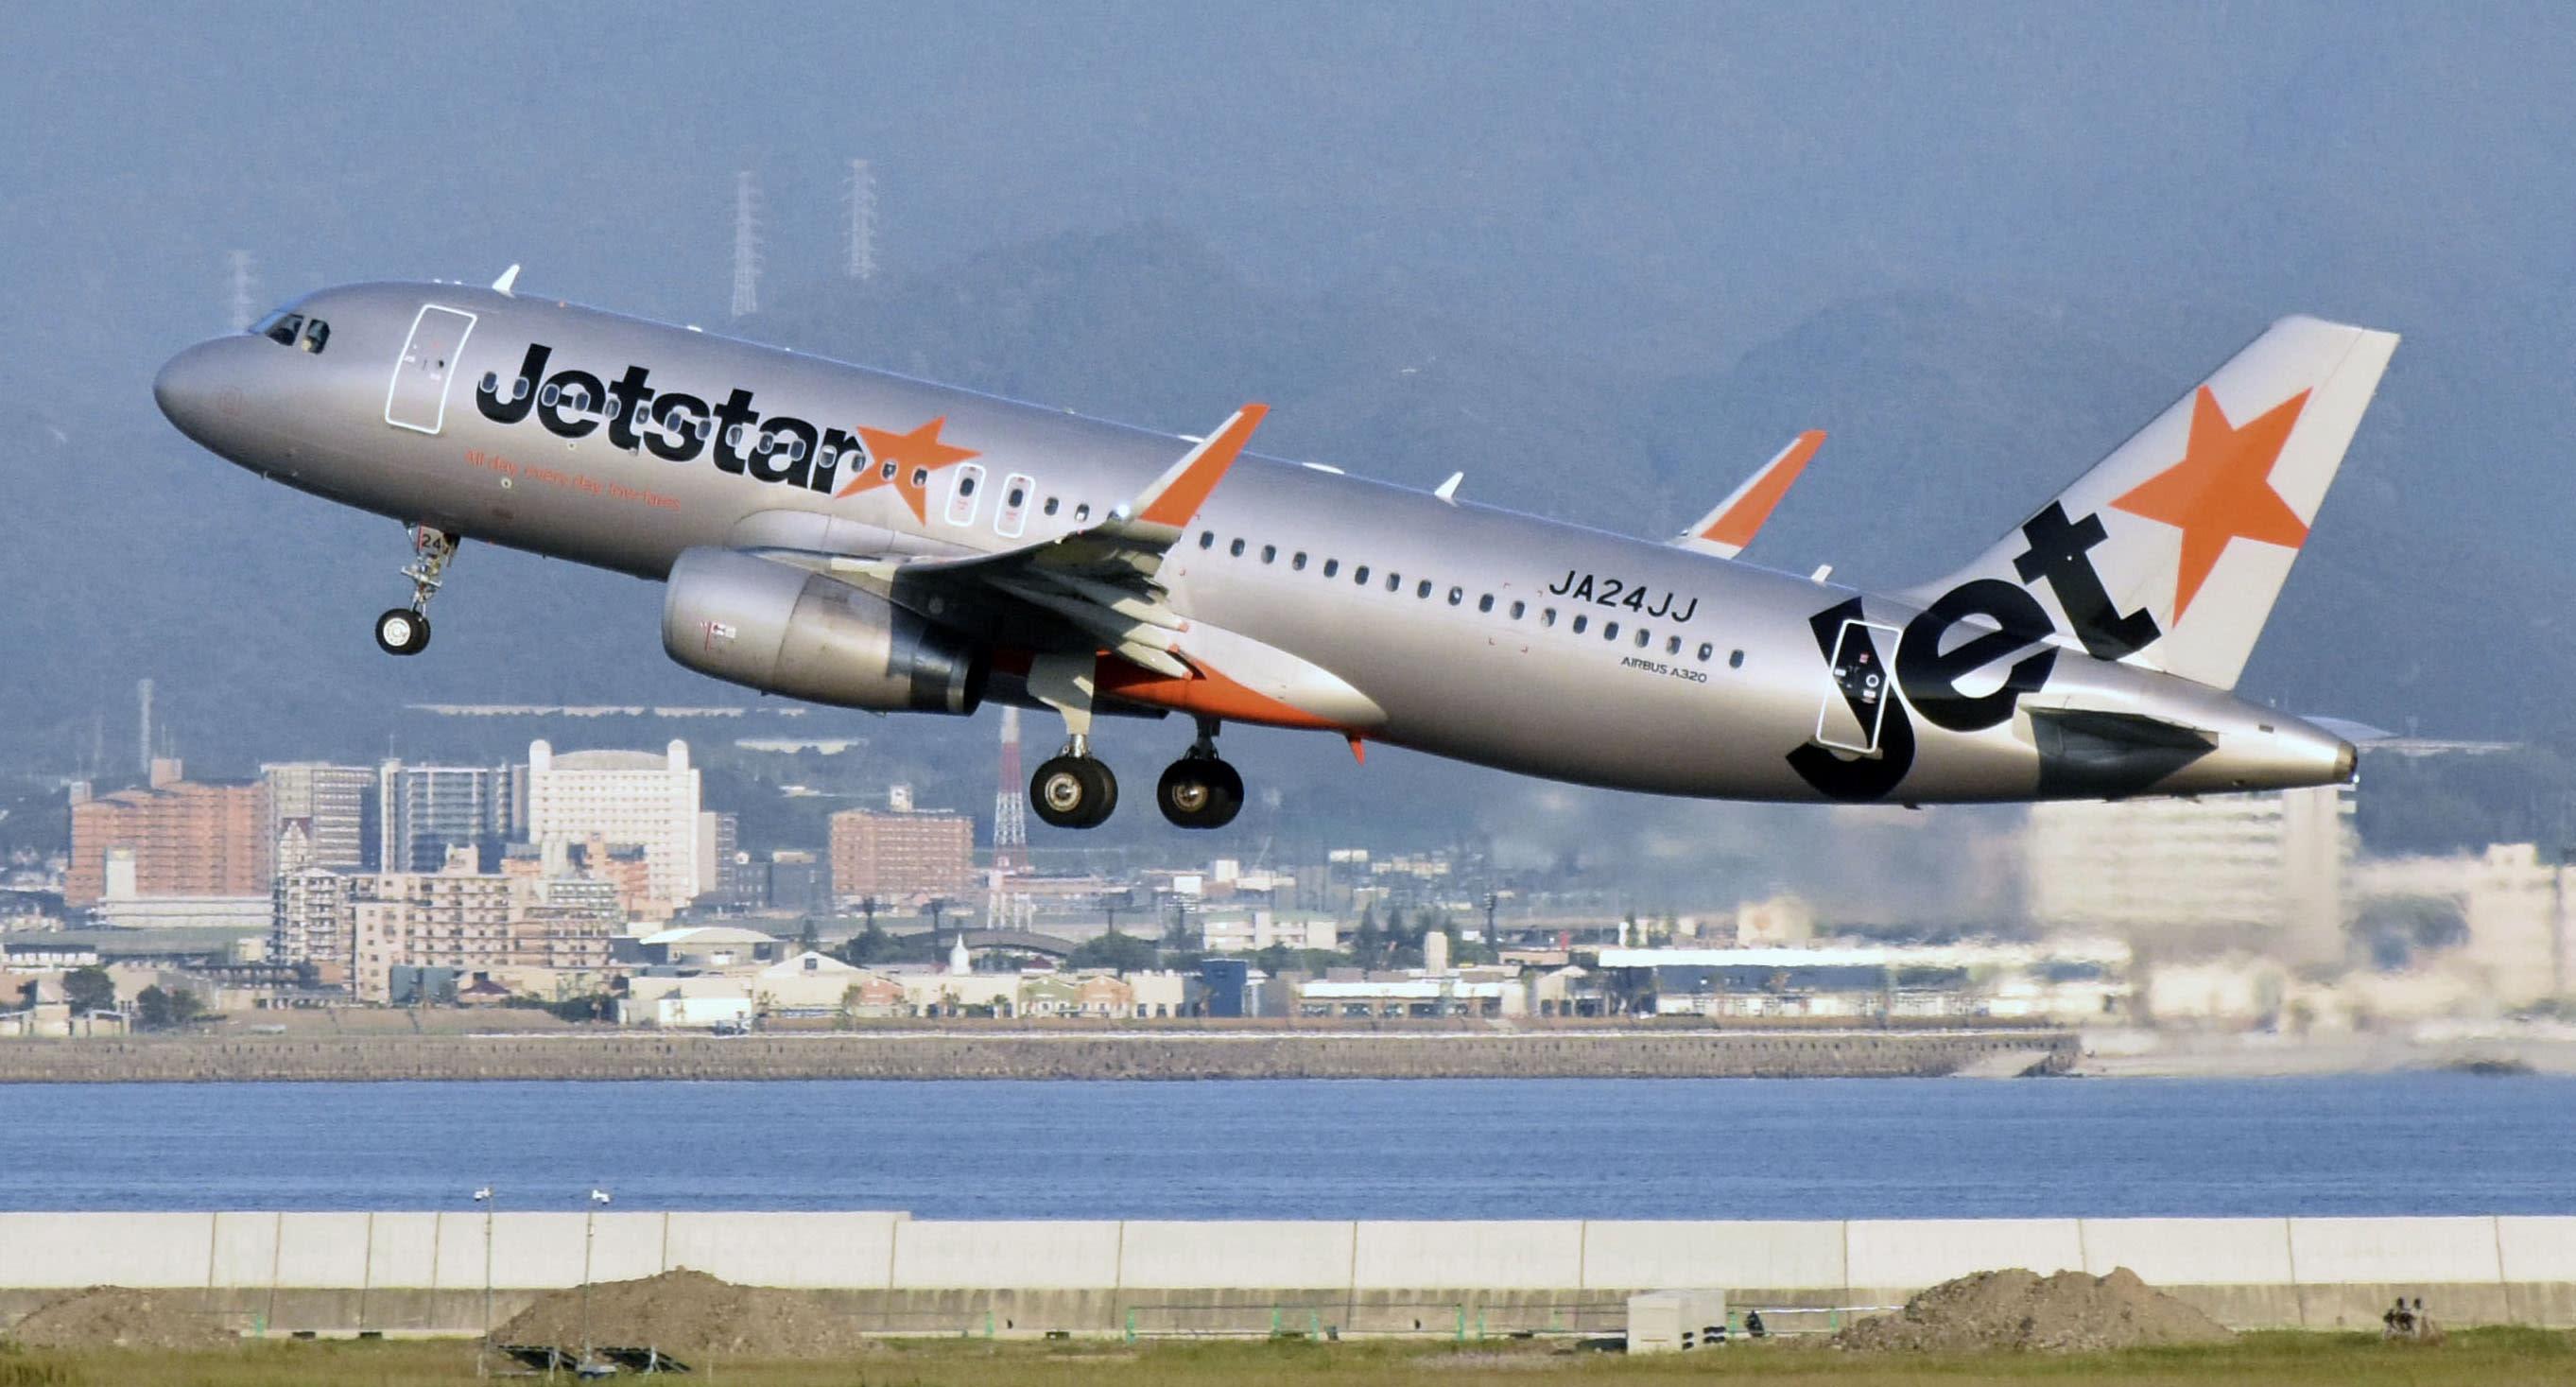 Coronavirus: Jetstar passenger from Melbourne tests positive